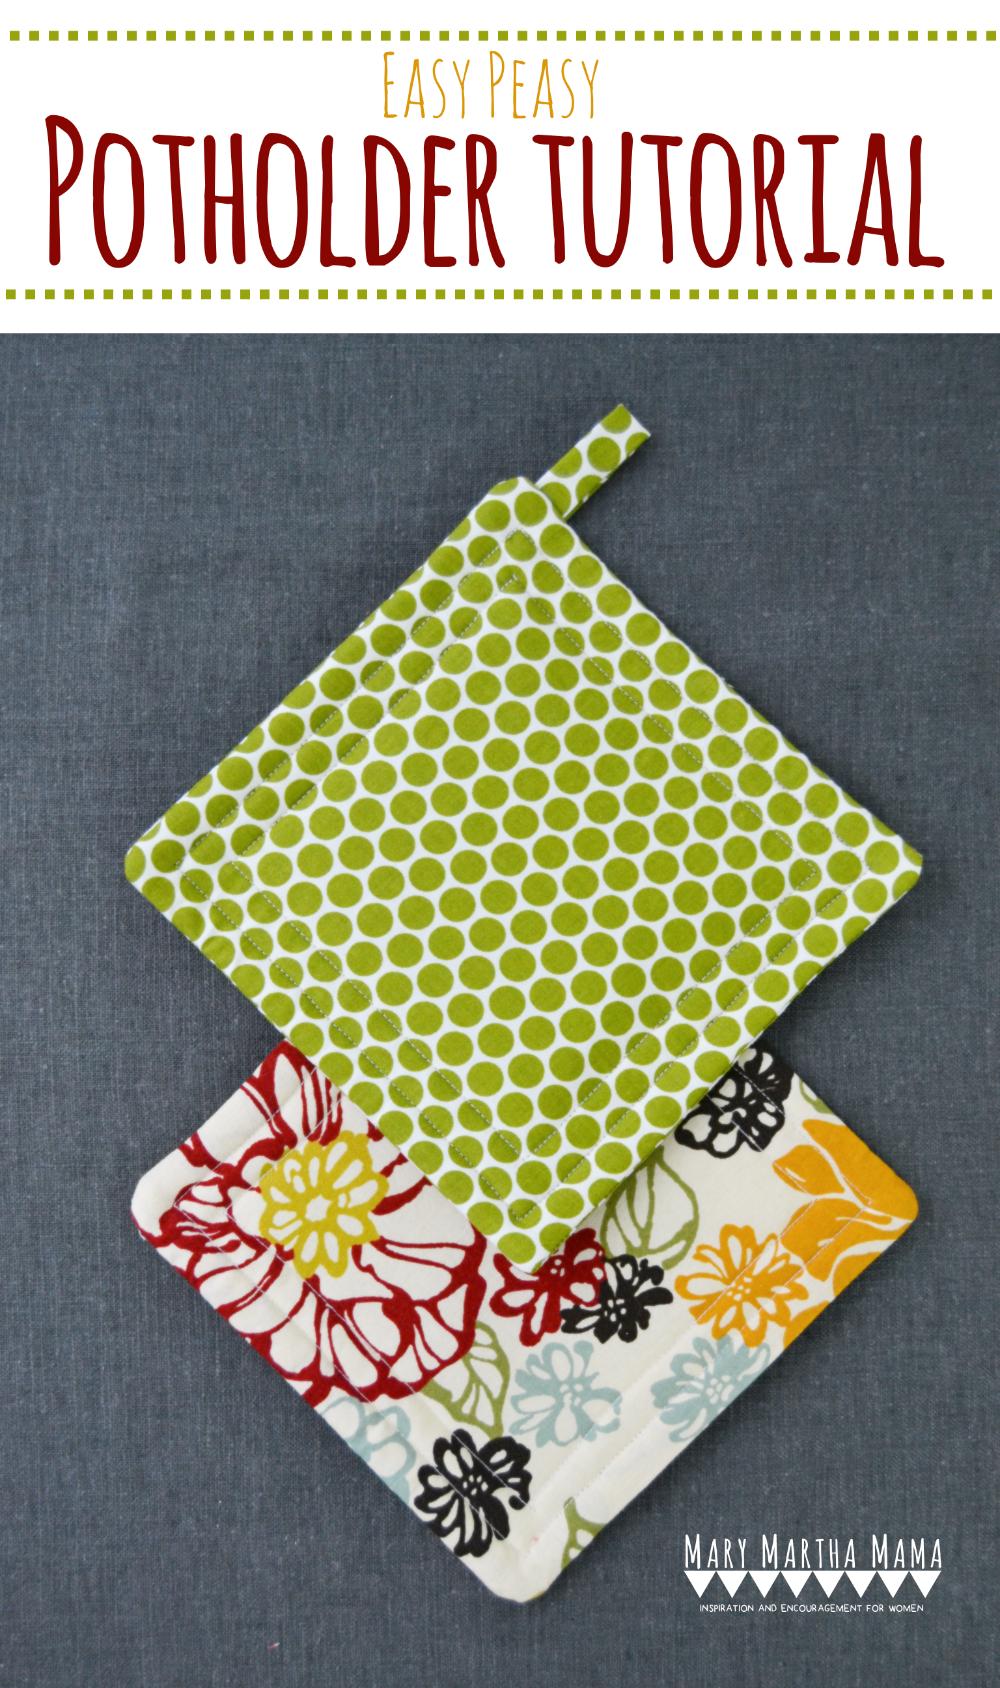 Tutoriel sur la manique facile à utiliser pour les débutants – Mary Martha Mama   – Sewing